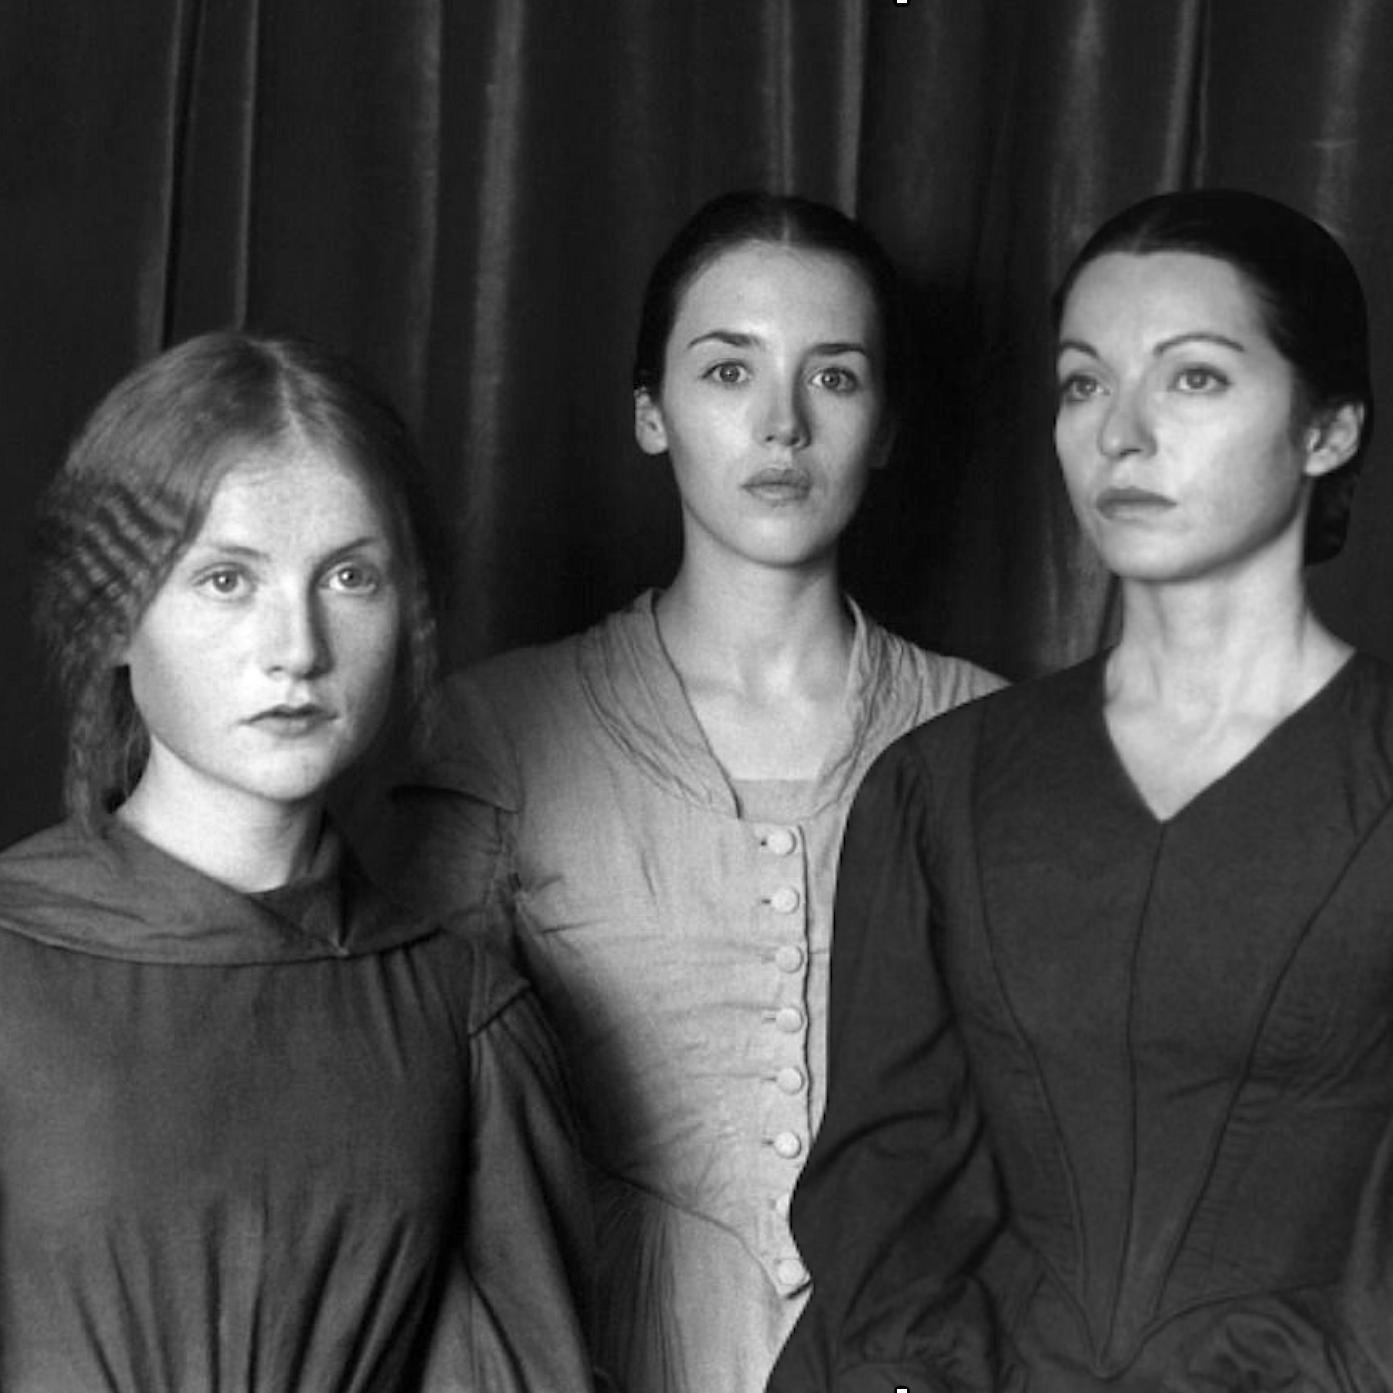 Les sœurs Brontë d'André Téchiné  : Isabelle Huppert, Isabelle Adjani et Marie-France Pisier.